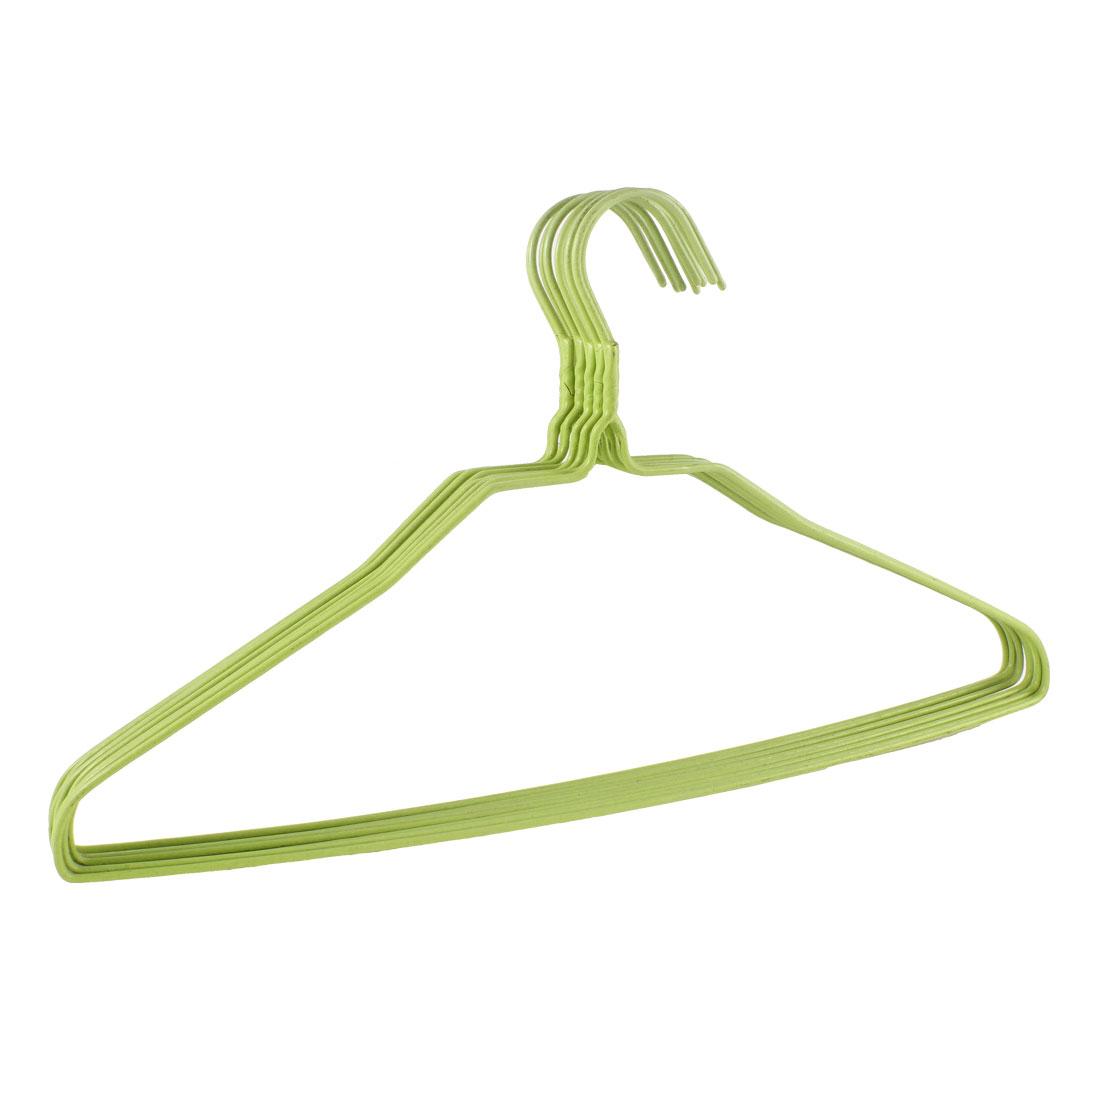 10 Pcs Yellow Plastic Metal Wardrobe Garment Coat Clothes Hanger